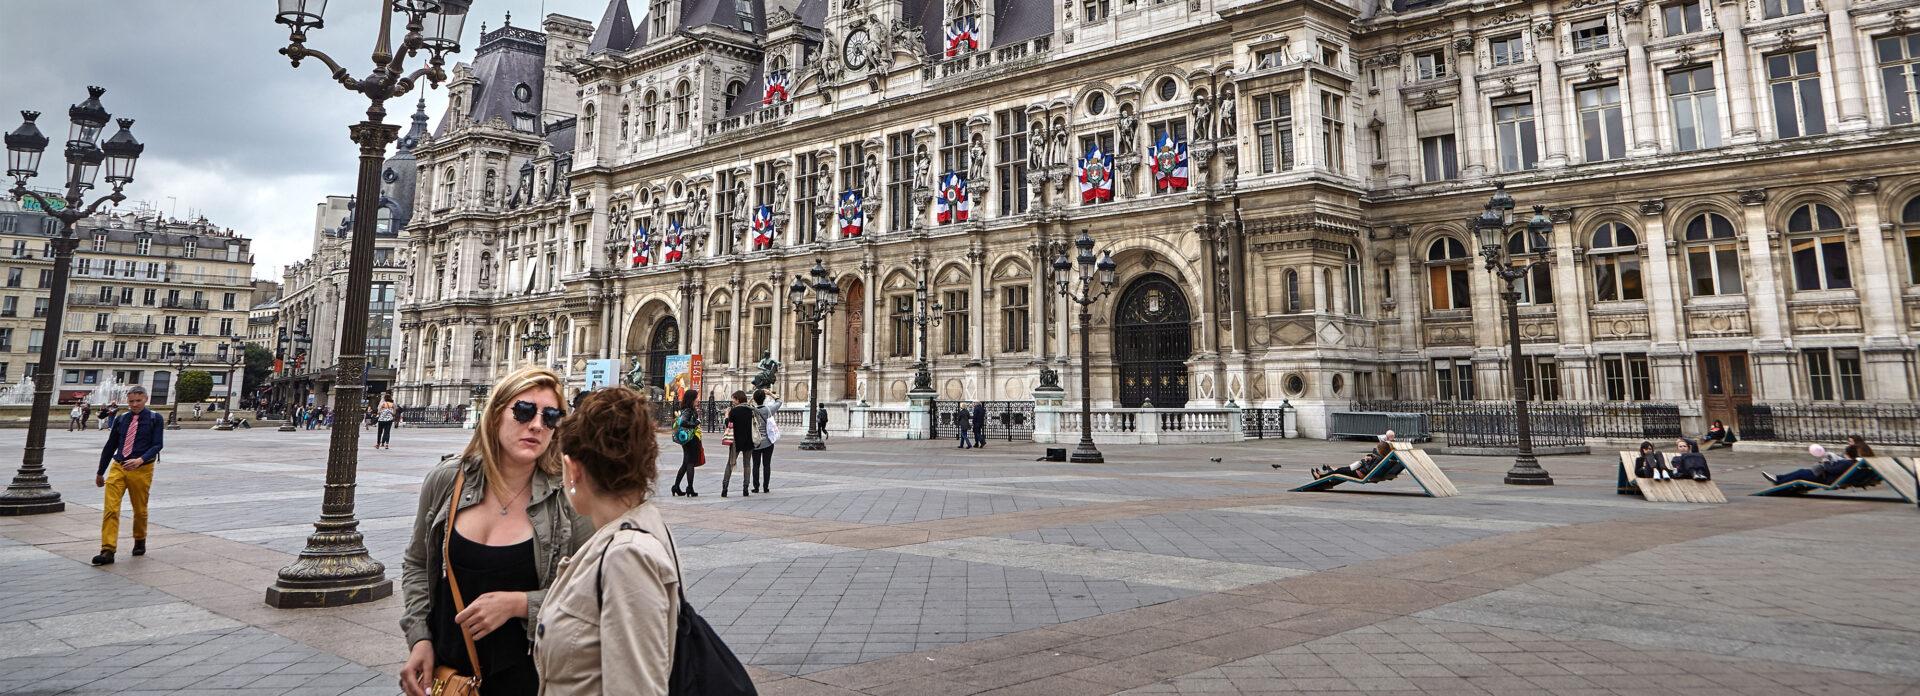 Hotel De Ville museum Paris